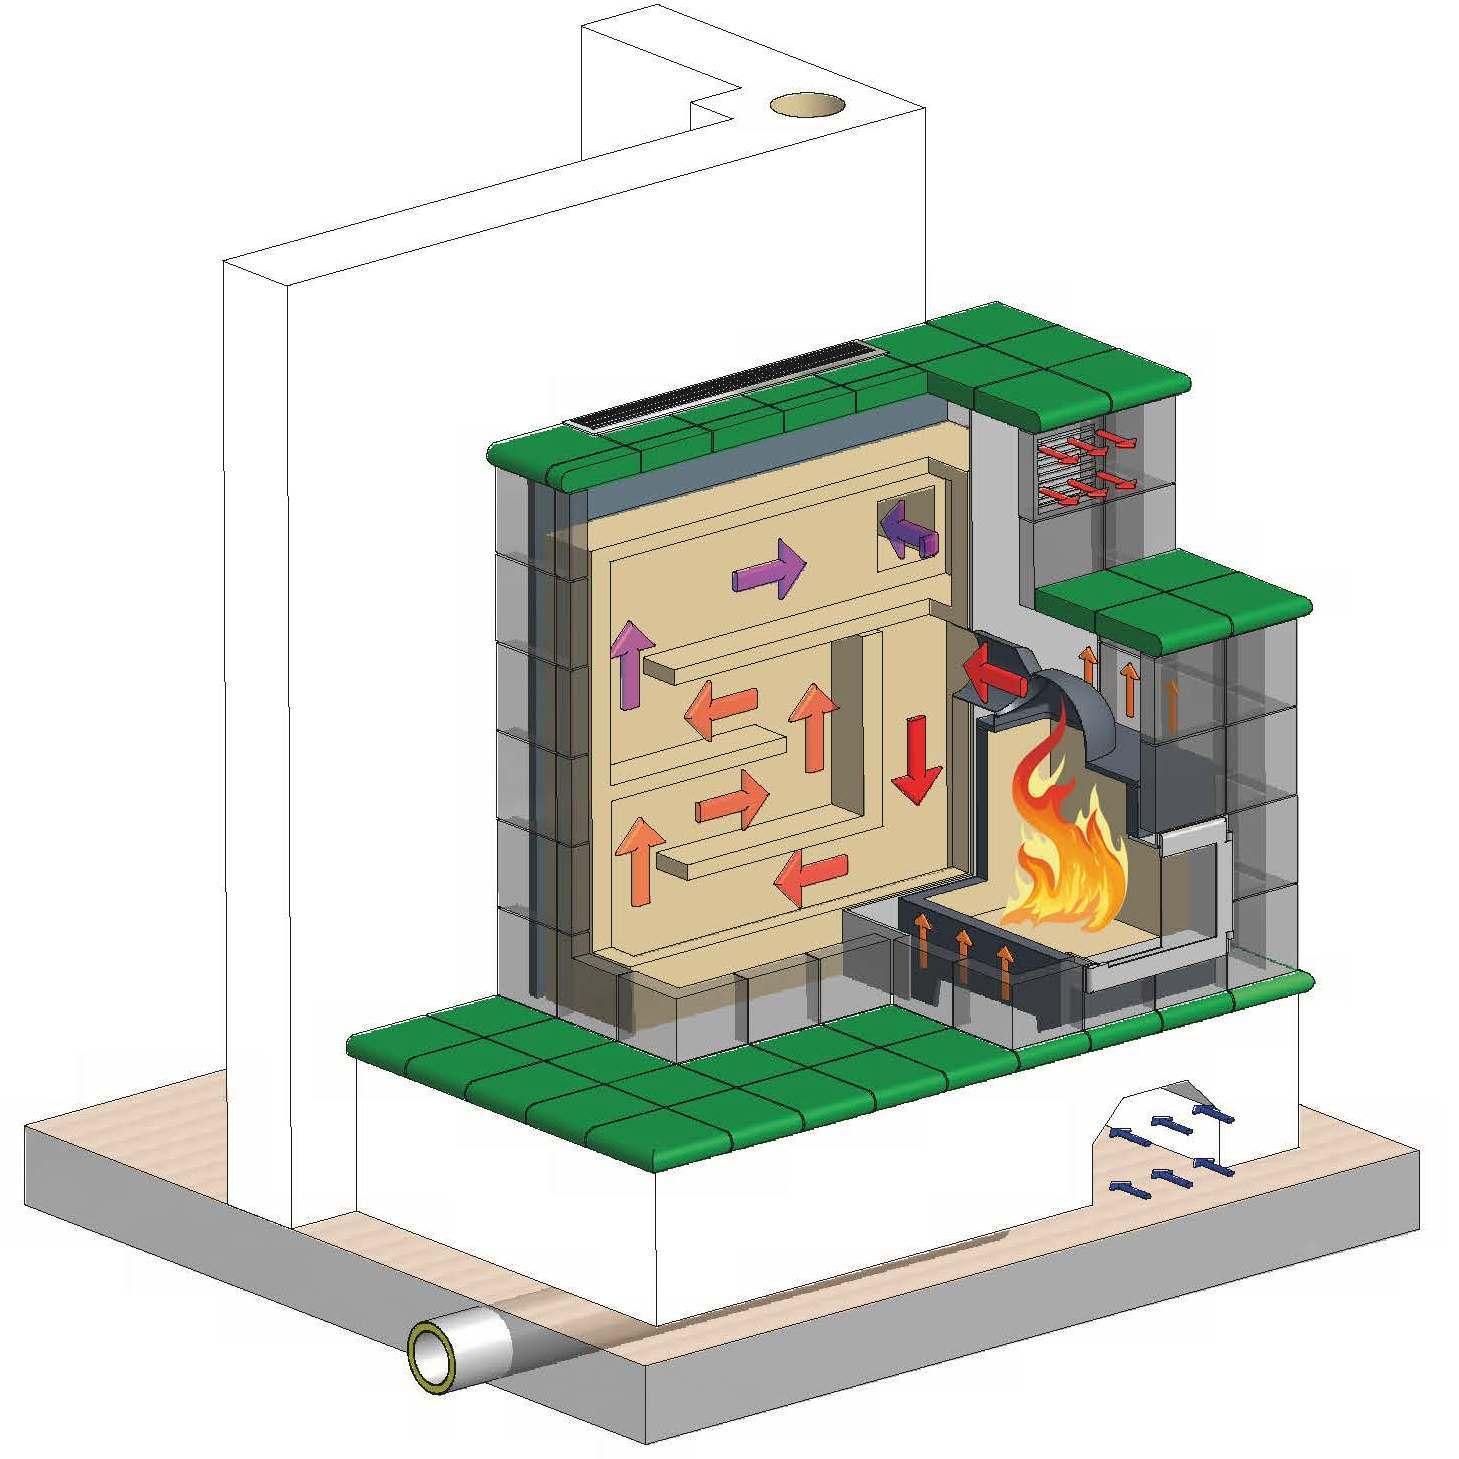 Kachelofen Kombiofen - Technische DarstellungKachelofen Grundofen - Technische Darstellung Kachelofen - Heizkamin - Technische Darstellung - Schnittansicht - Funktionsweise